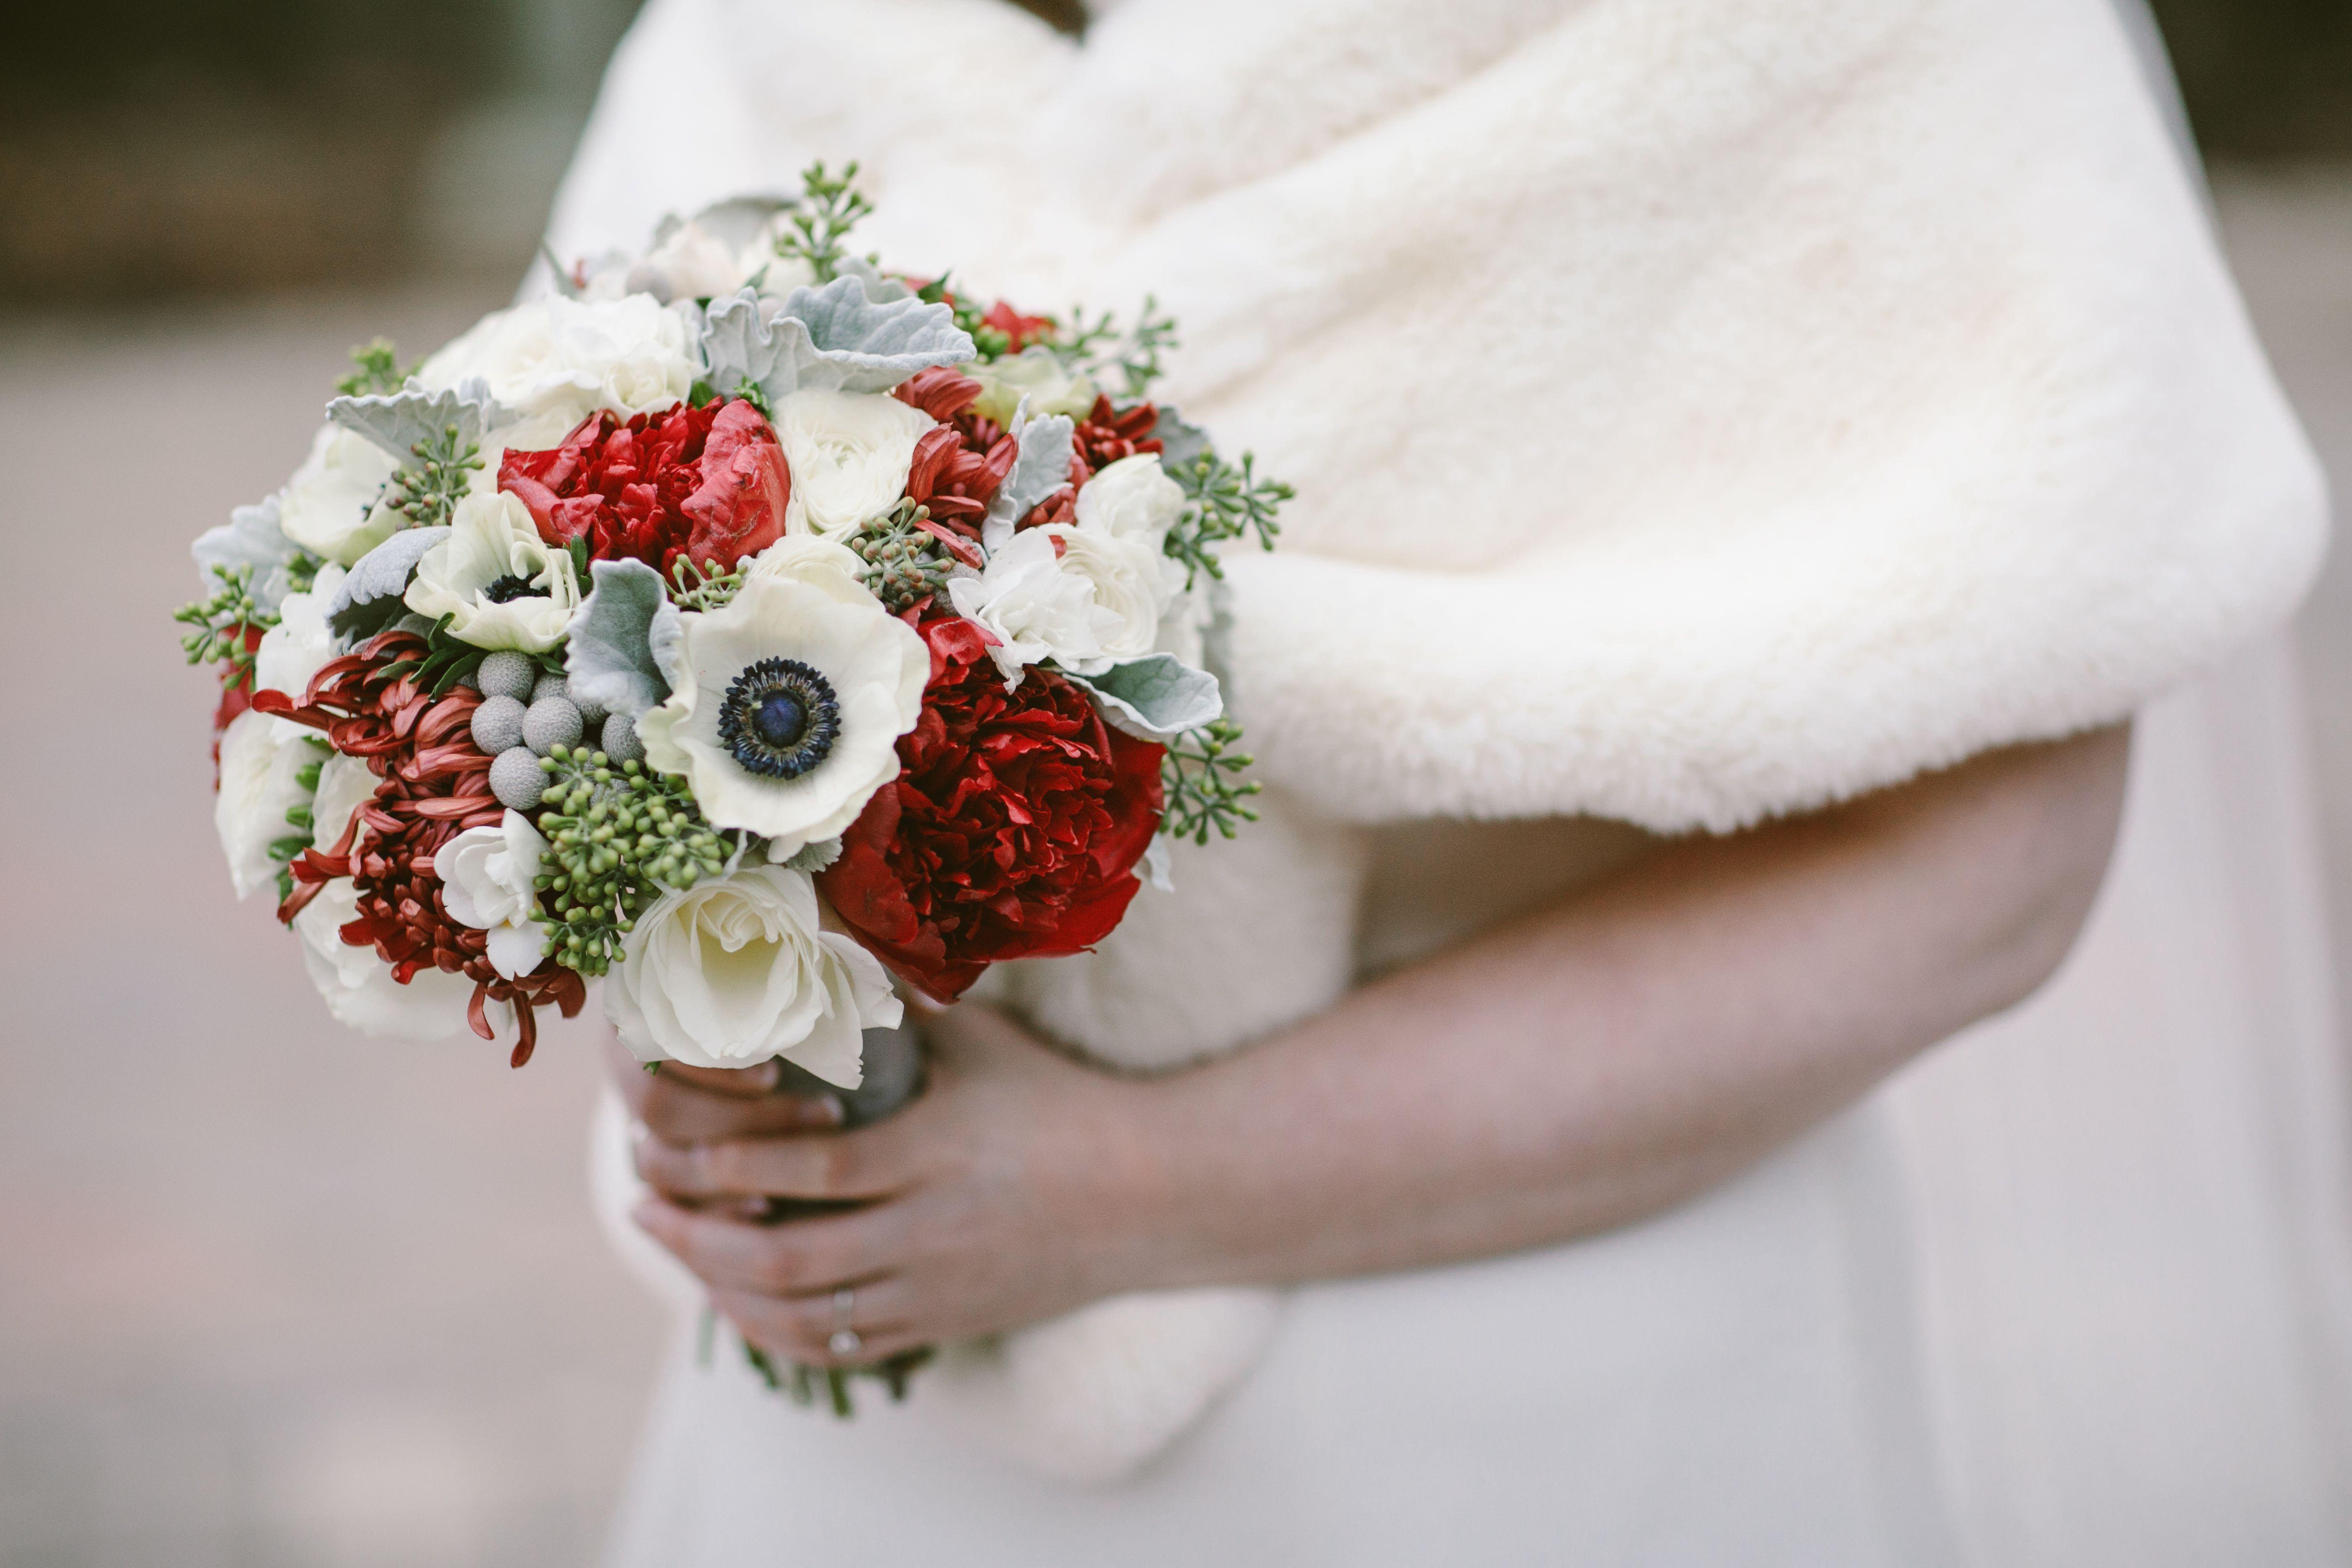 Weddings At Winter Wedding Flowers Seeded Eucalyptus And Red Peonies